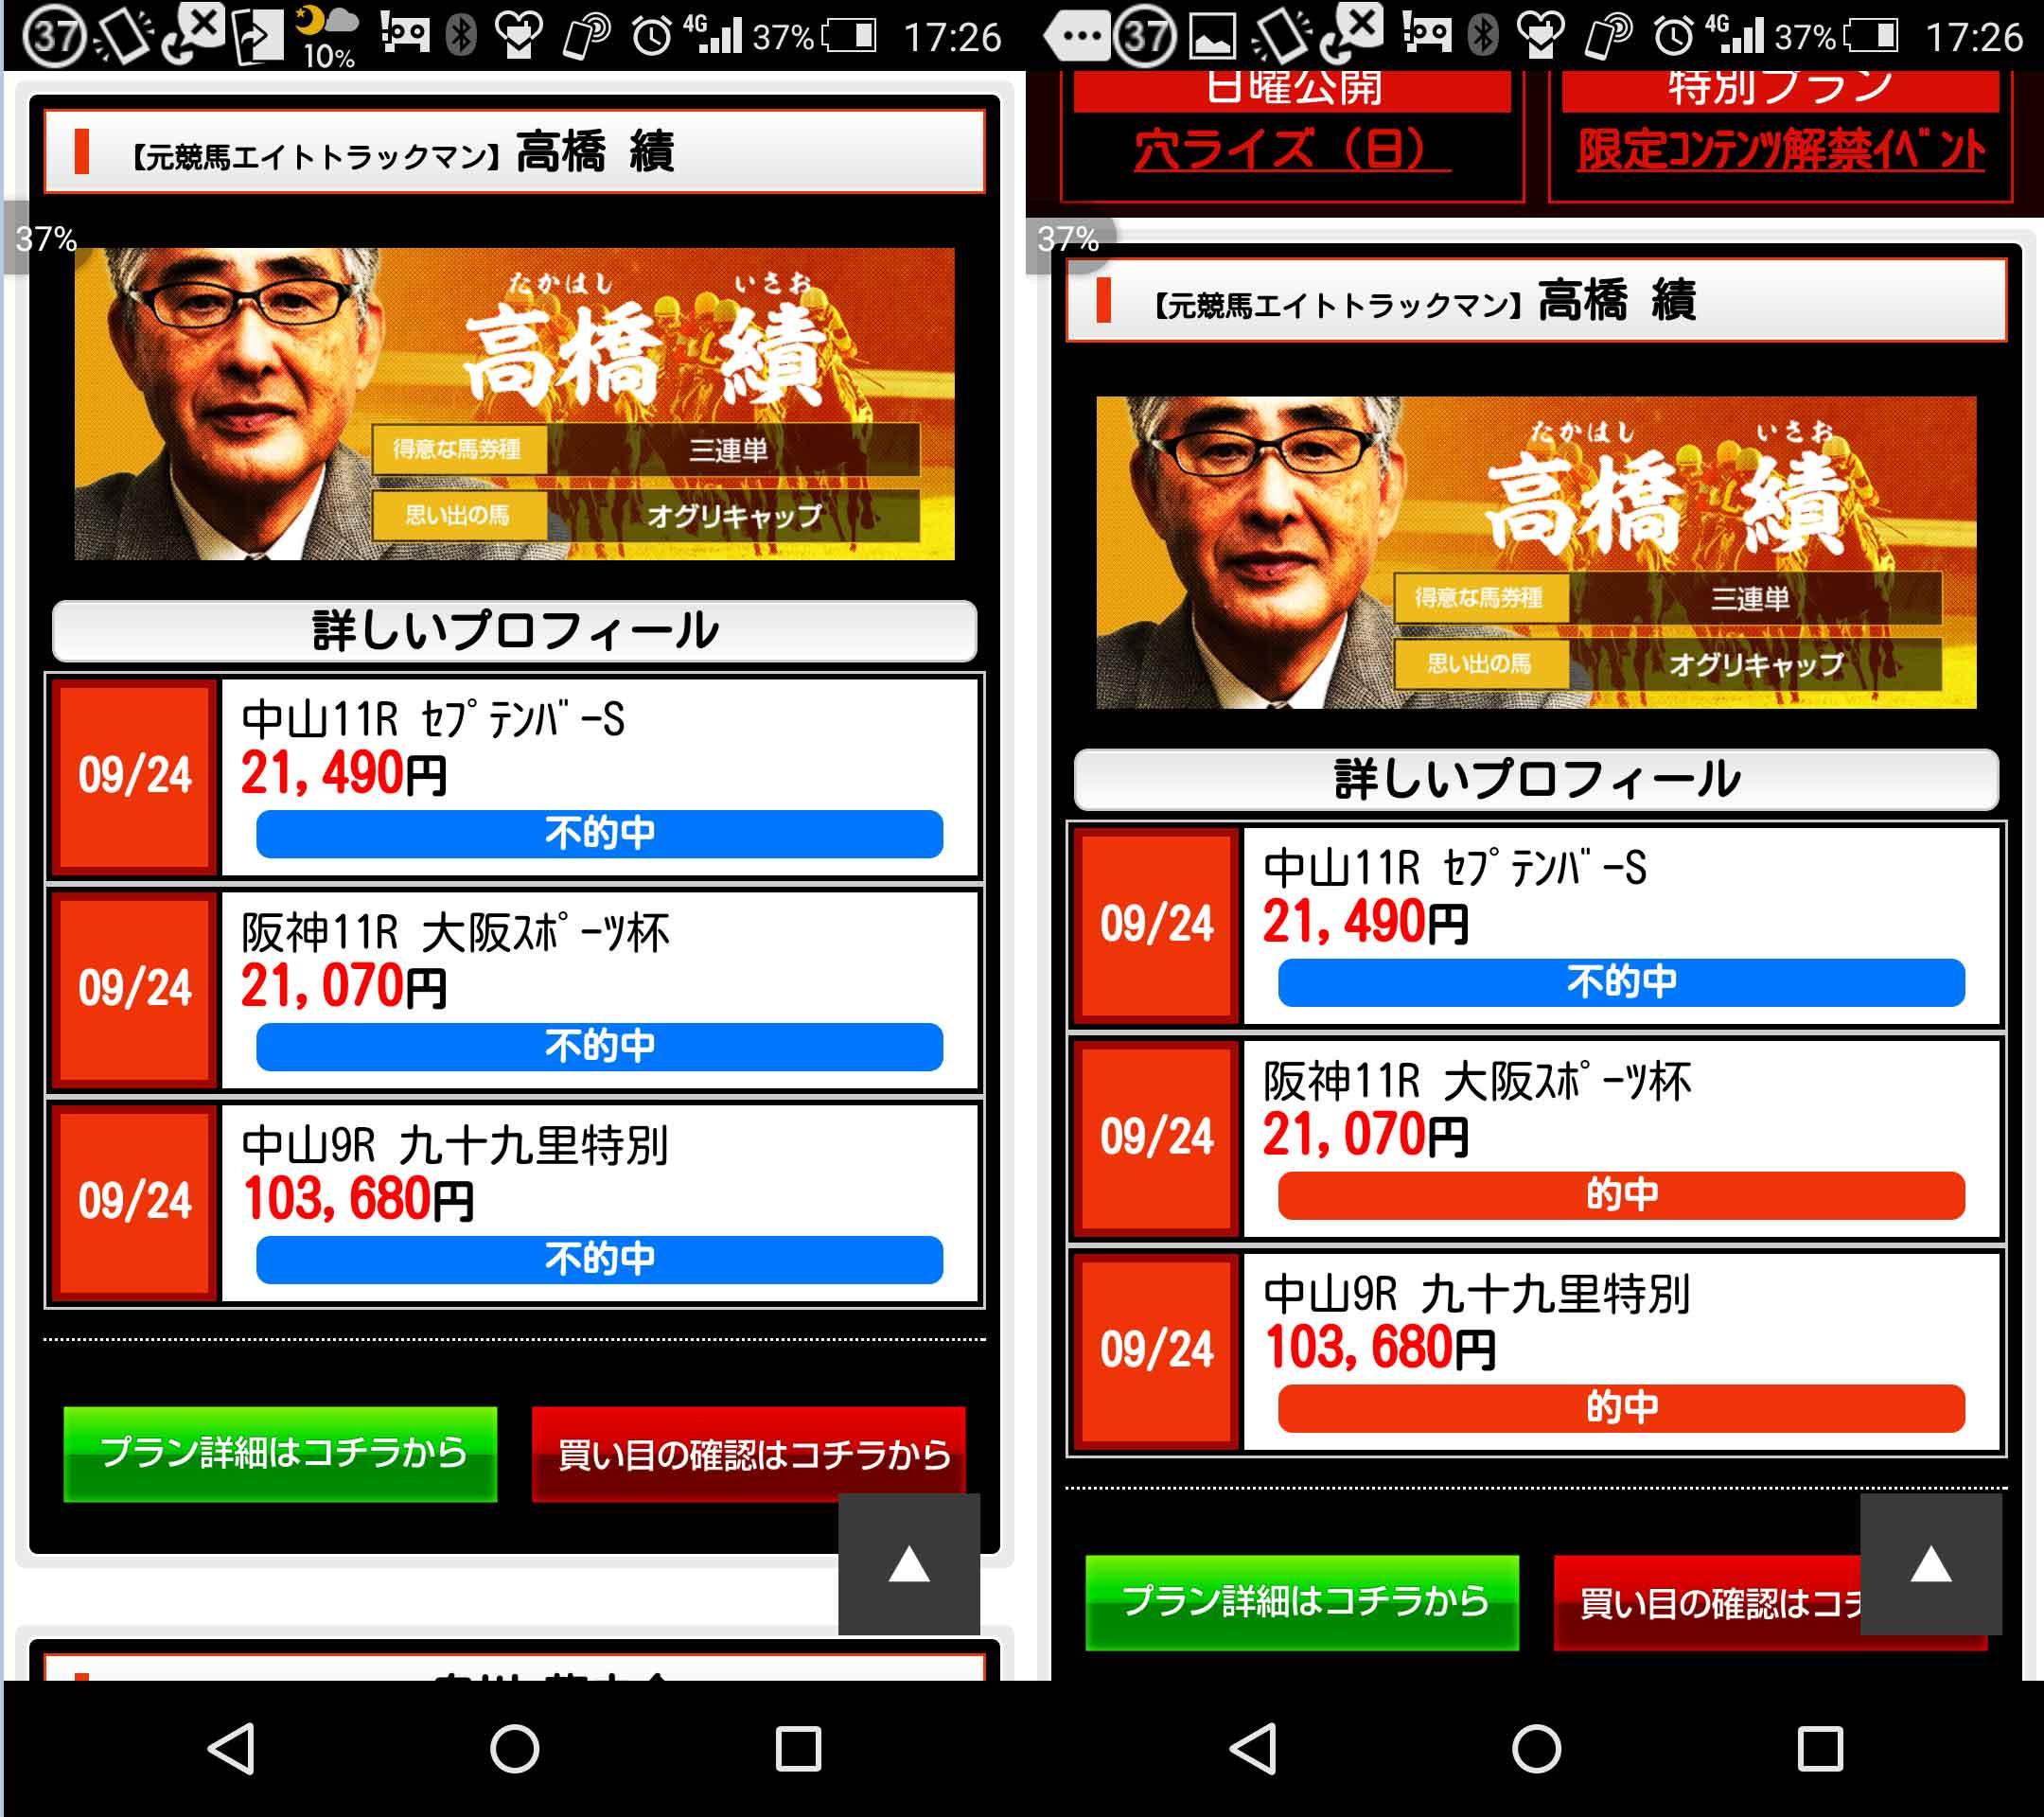 勝馬の栞という競馬予想サイトの利用者によって配信してる的中結果が違う証拠画像